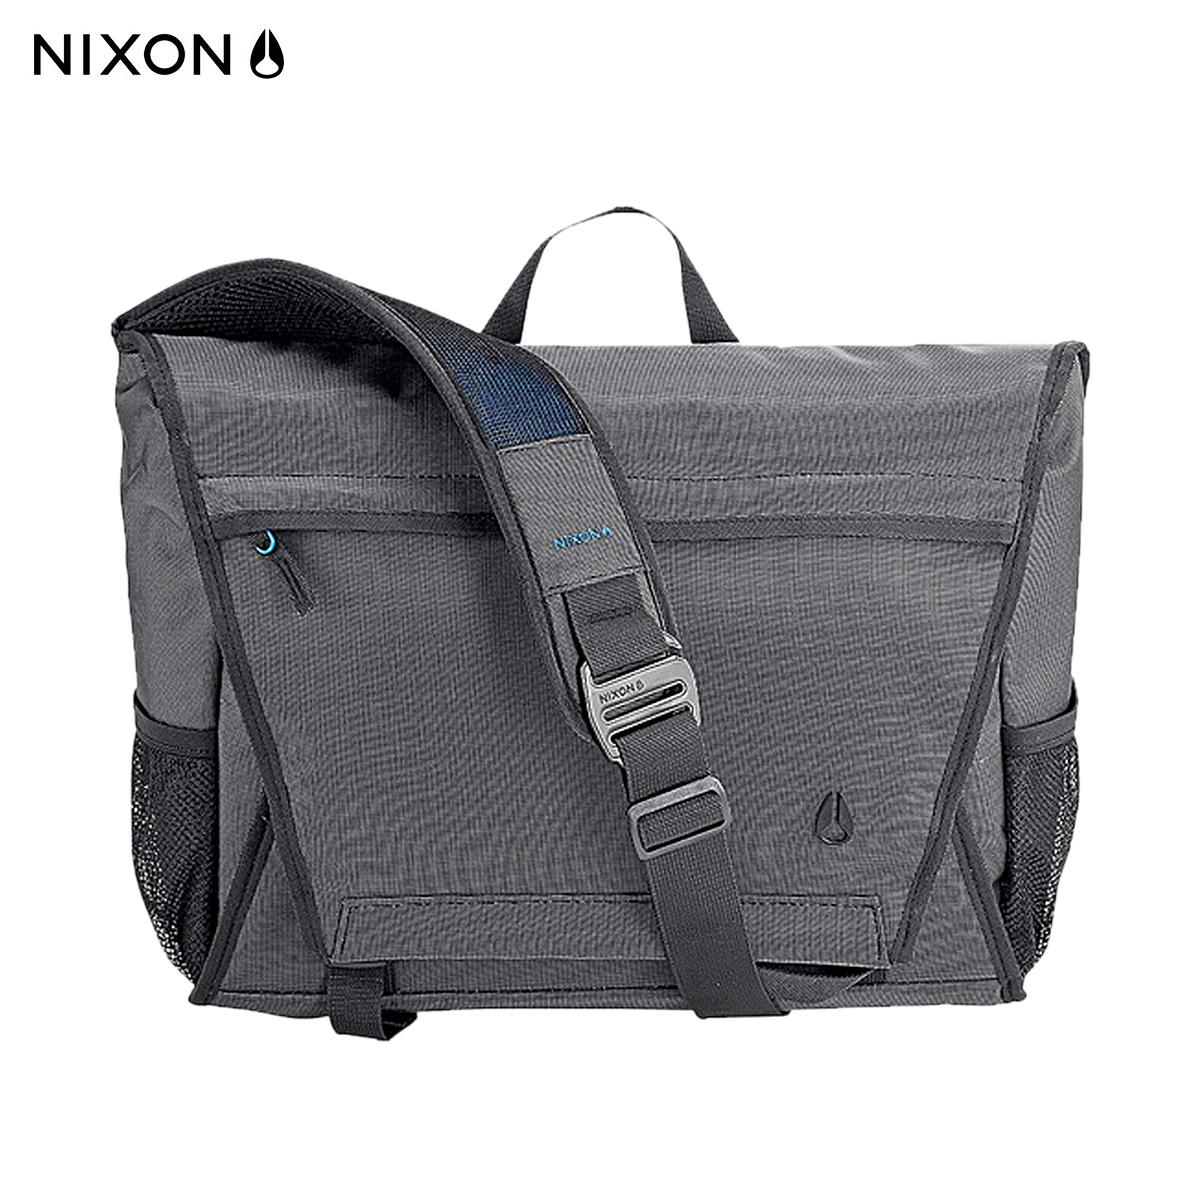 8ab897bdda SneaK Online Shop   SOLD OUT  Nixon NIXON bag Messenger bag shoulder ...